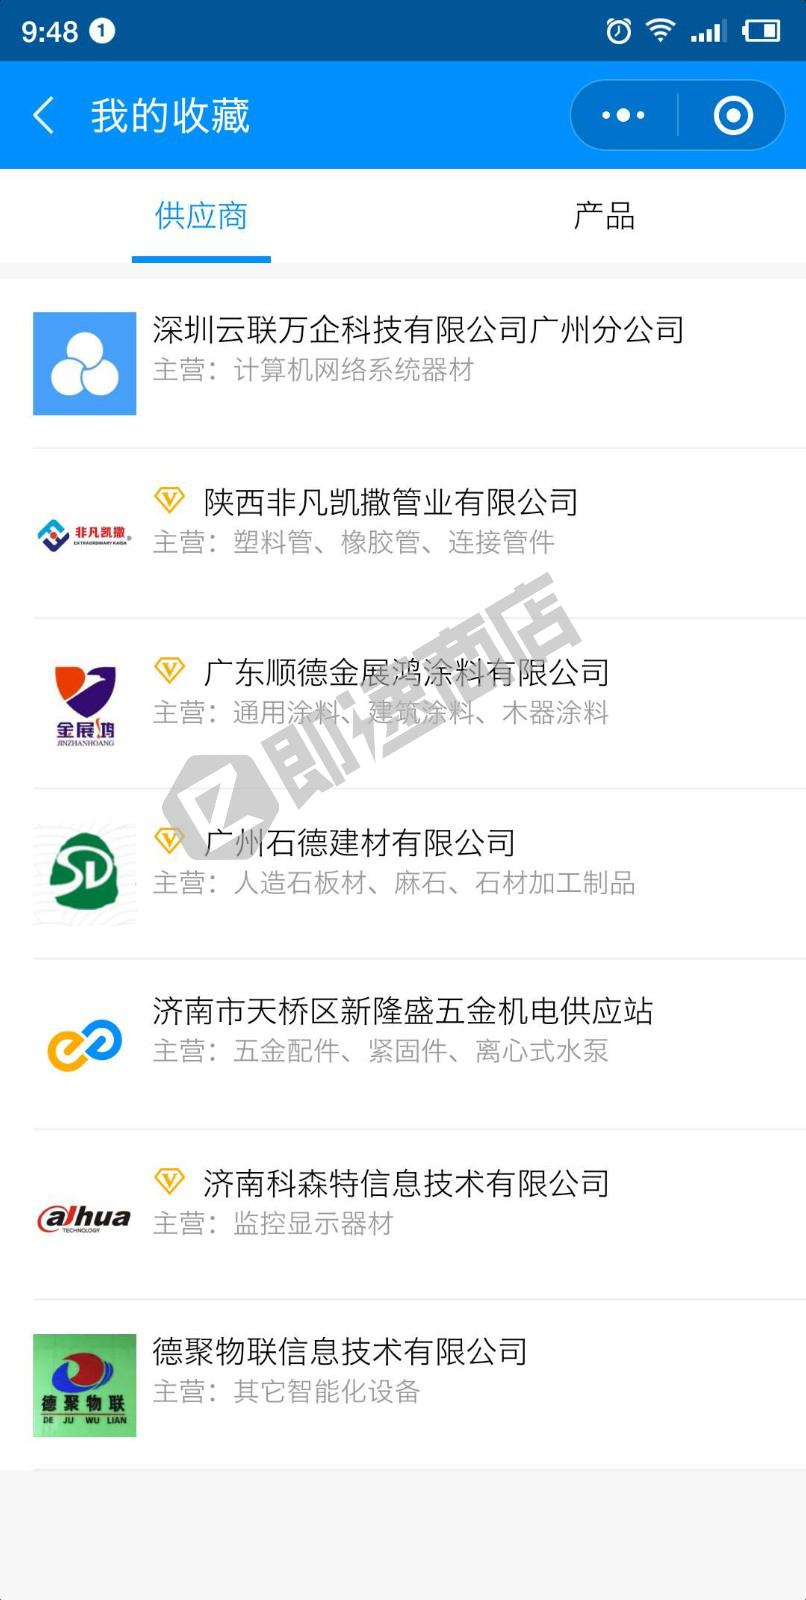 供应e小程序详情页截图